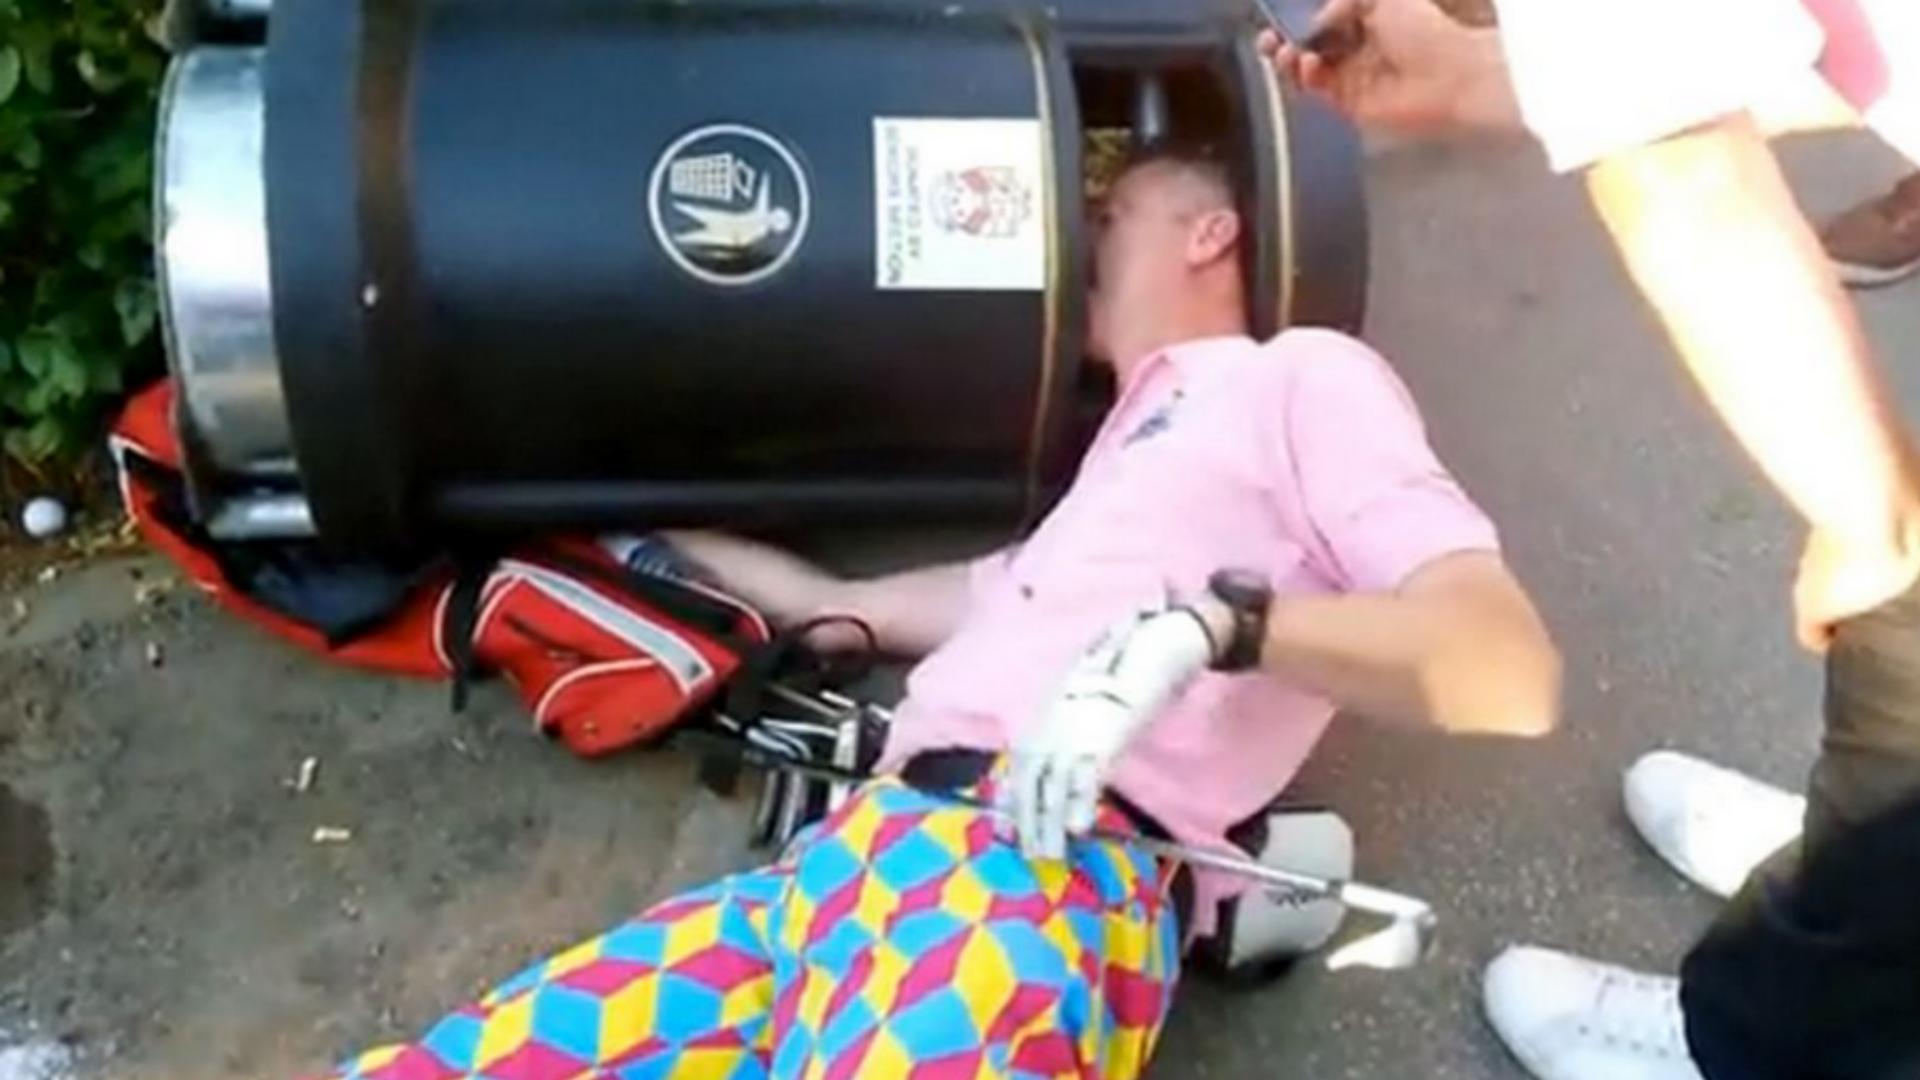 drunk-golfer-062815-usnews-getty-ftr